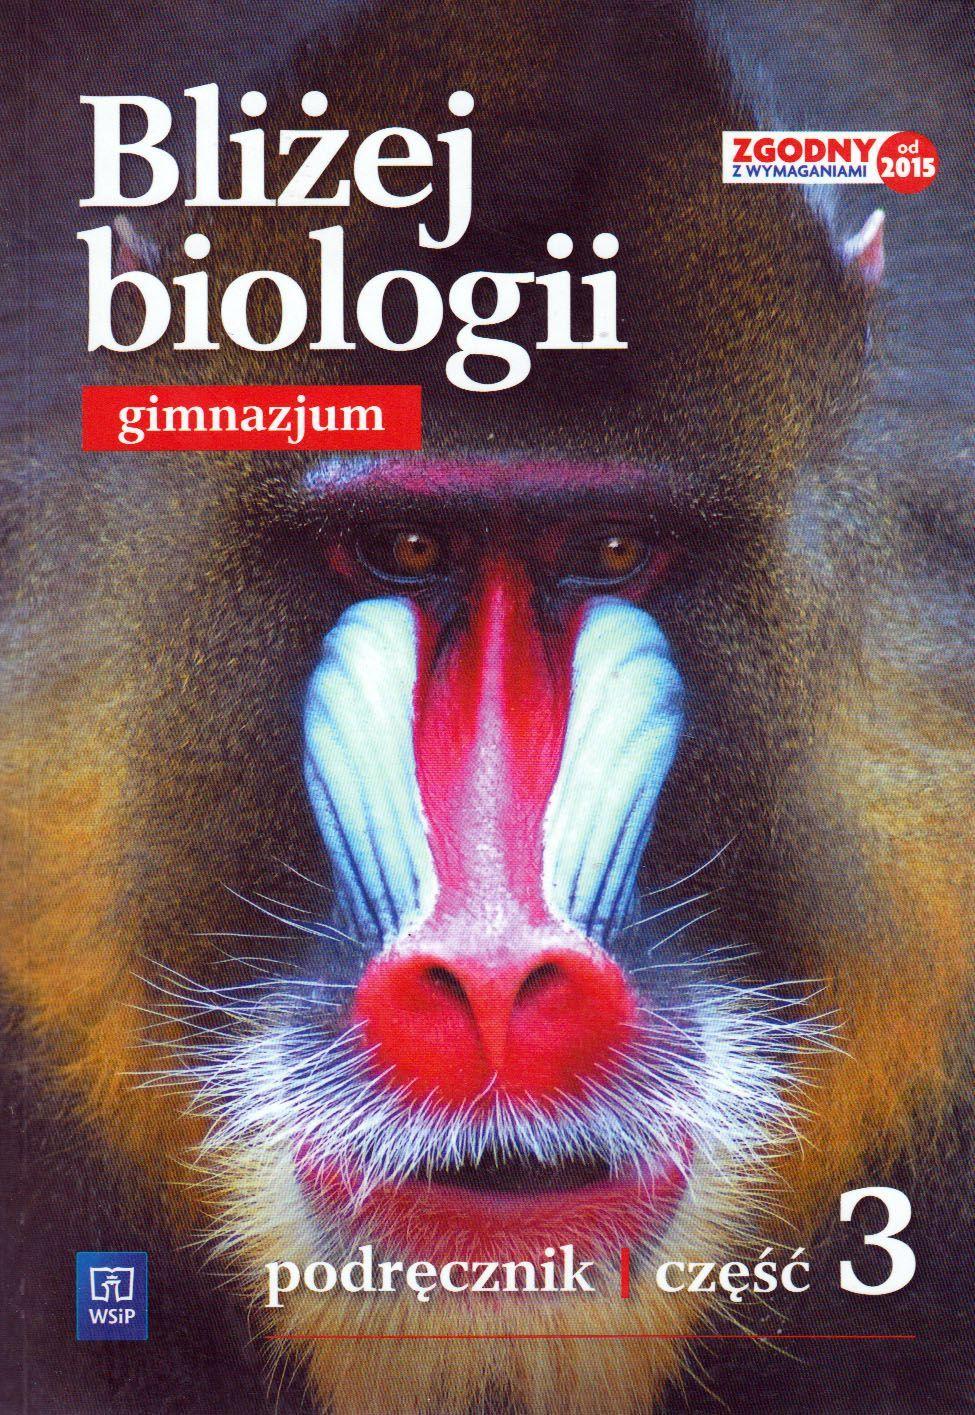 podręcznik do biologii klasa 8 wsip pdf